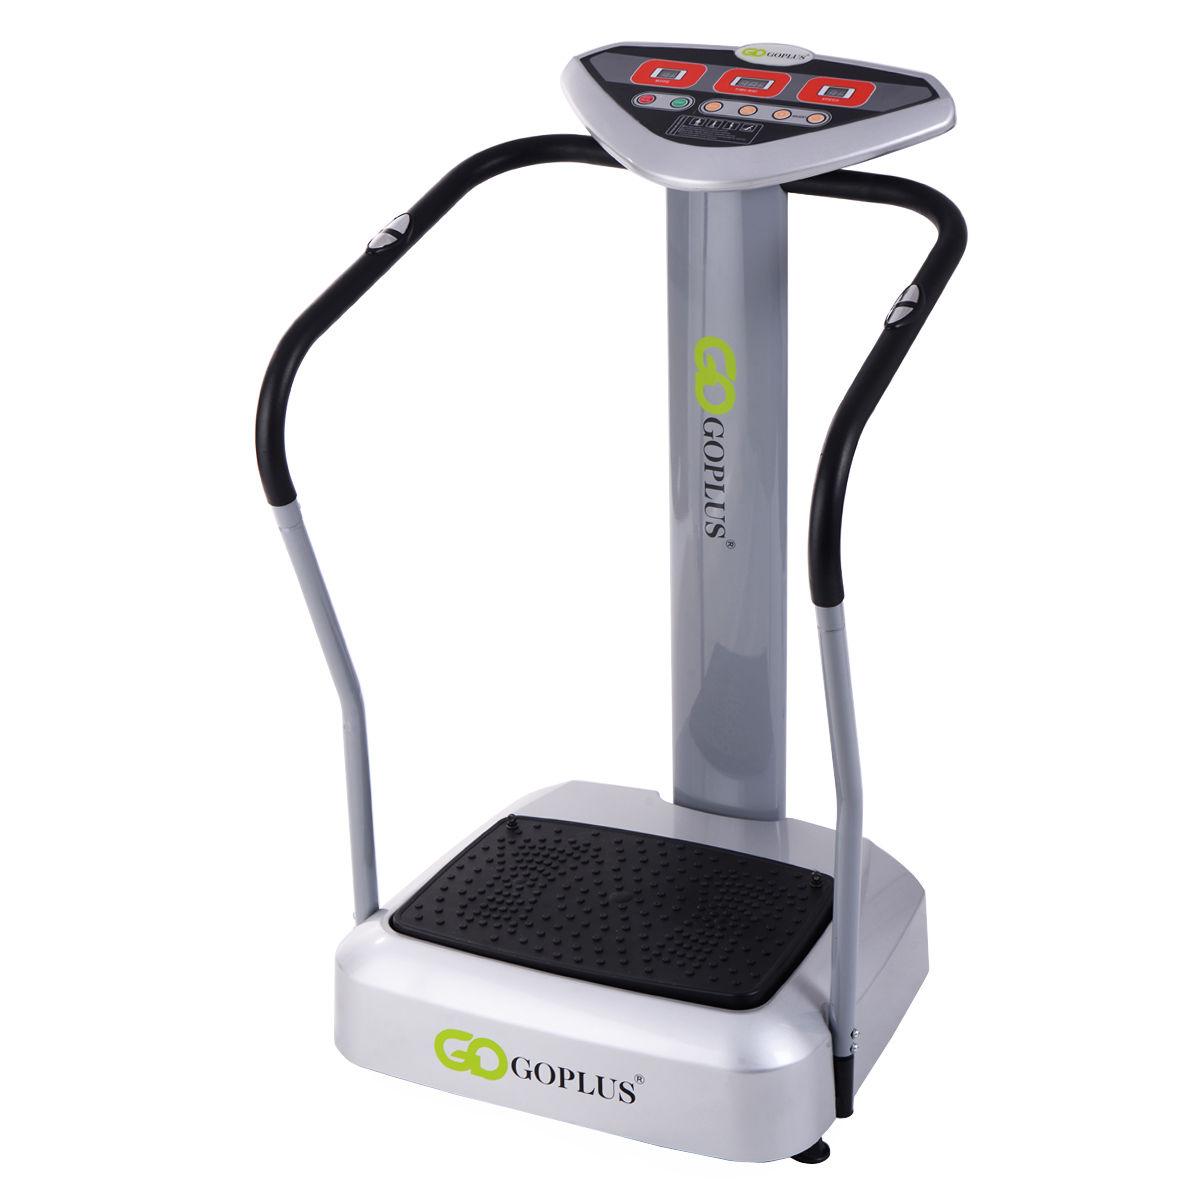 1000W Crazy Fit Whole Body Vibration Platform Exercise Machine Massage Massager SP35268